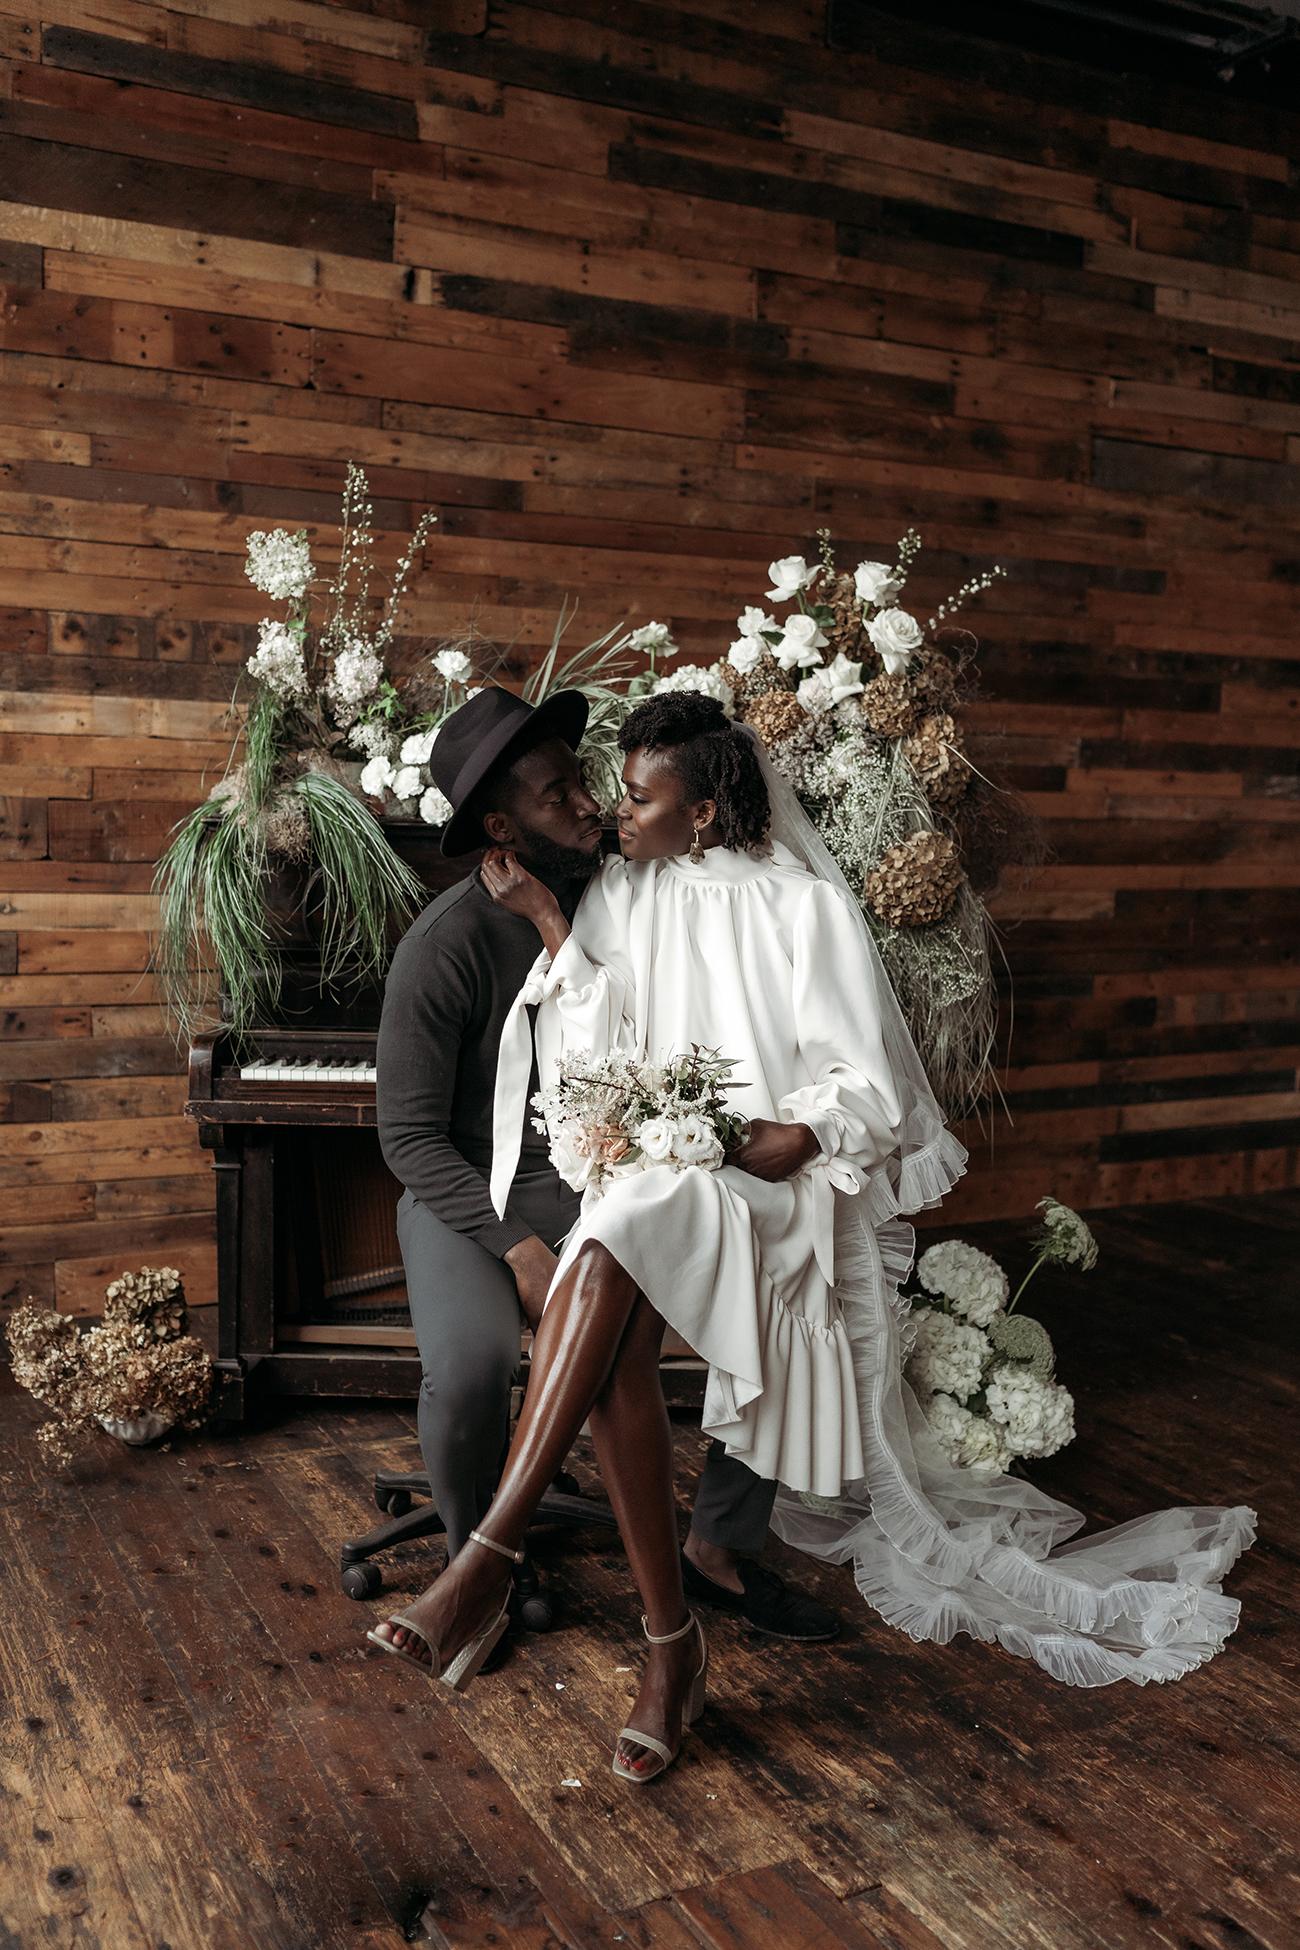 Short Wedding Dress with a Long Veil